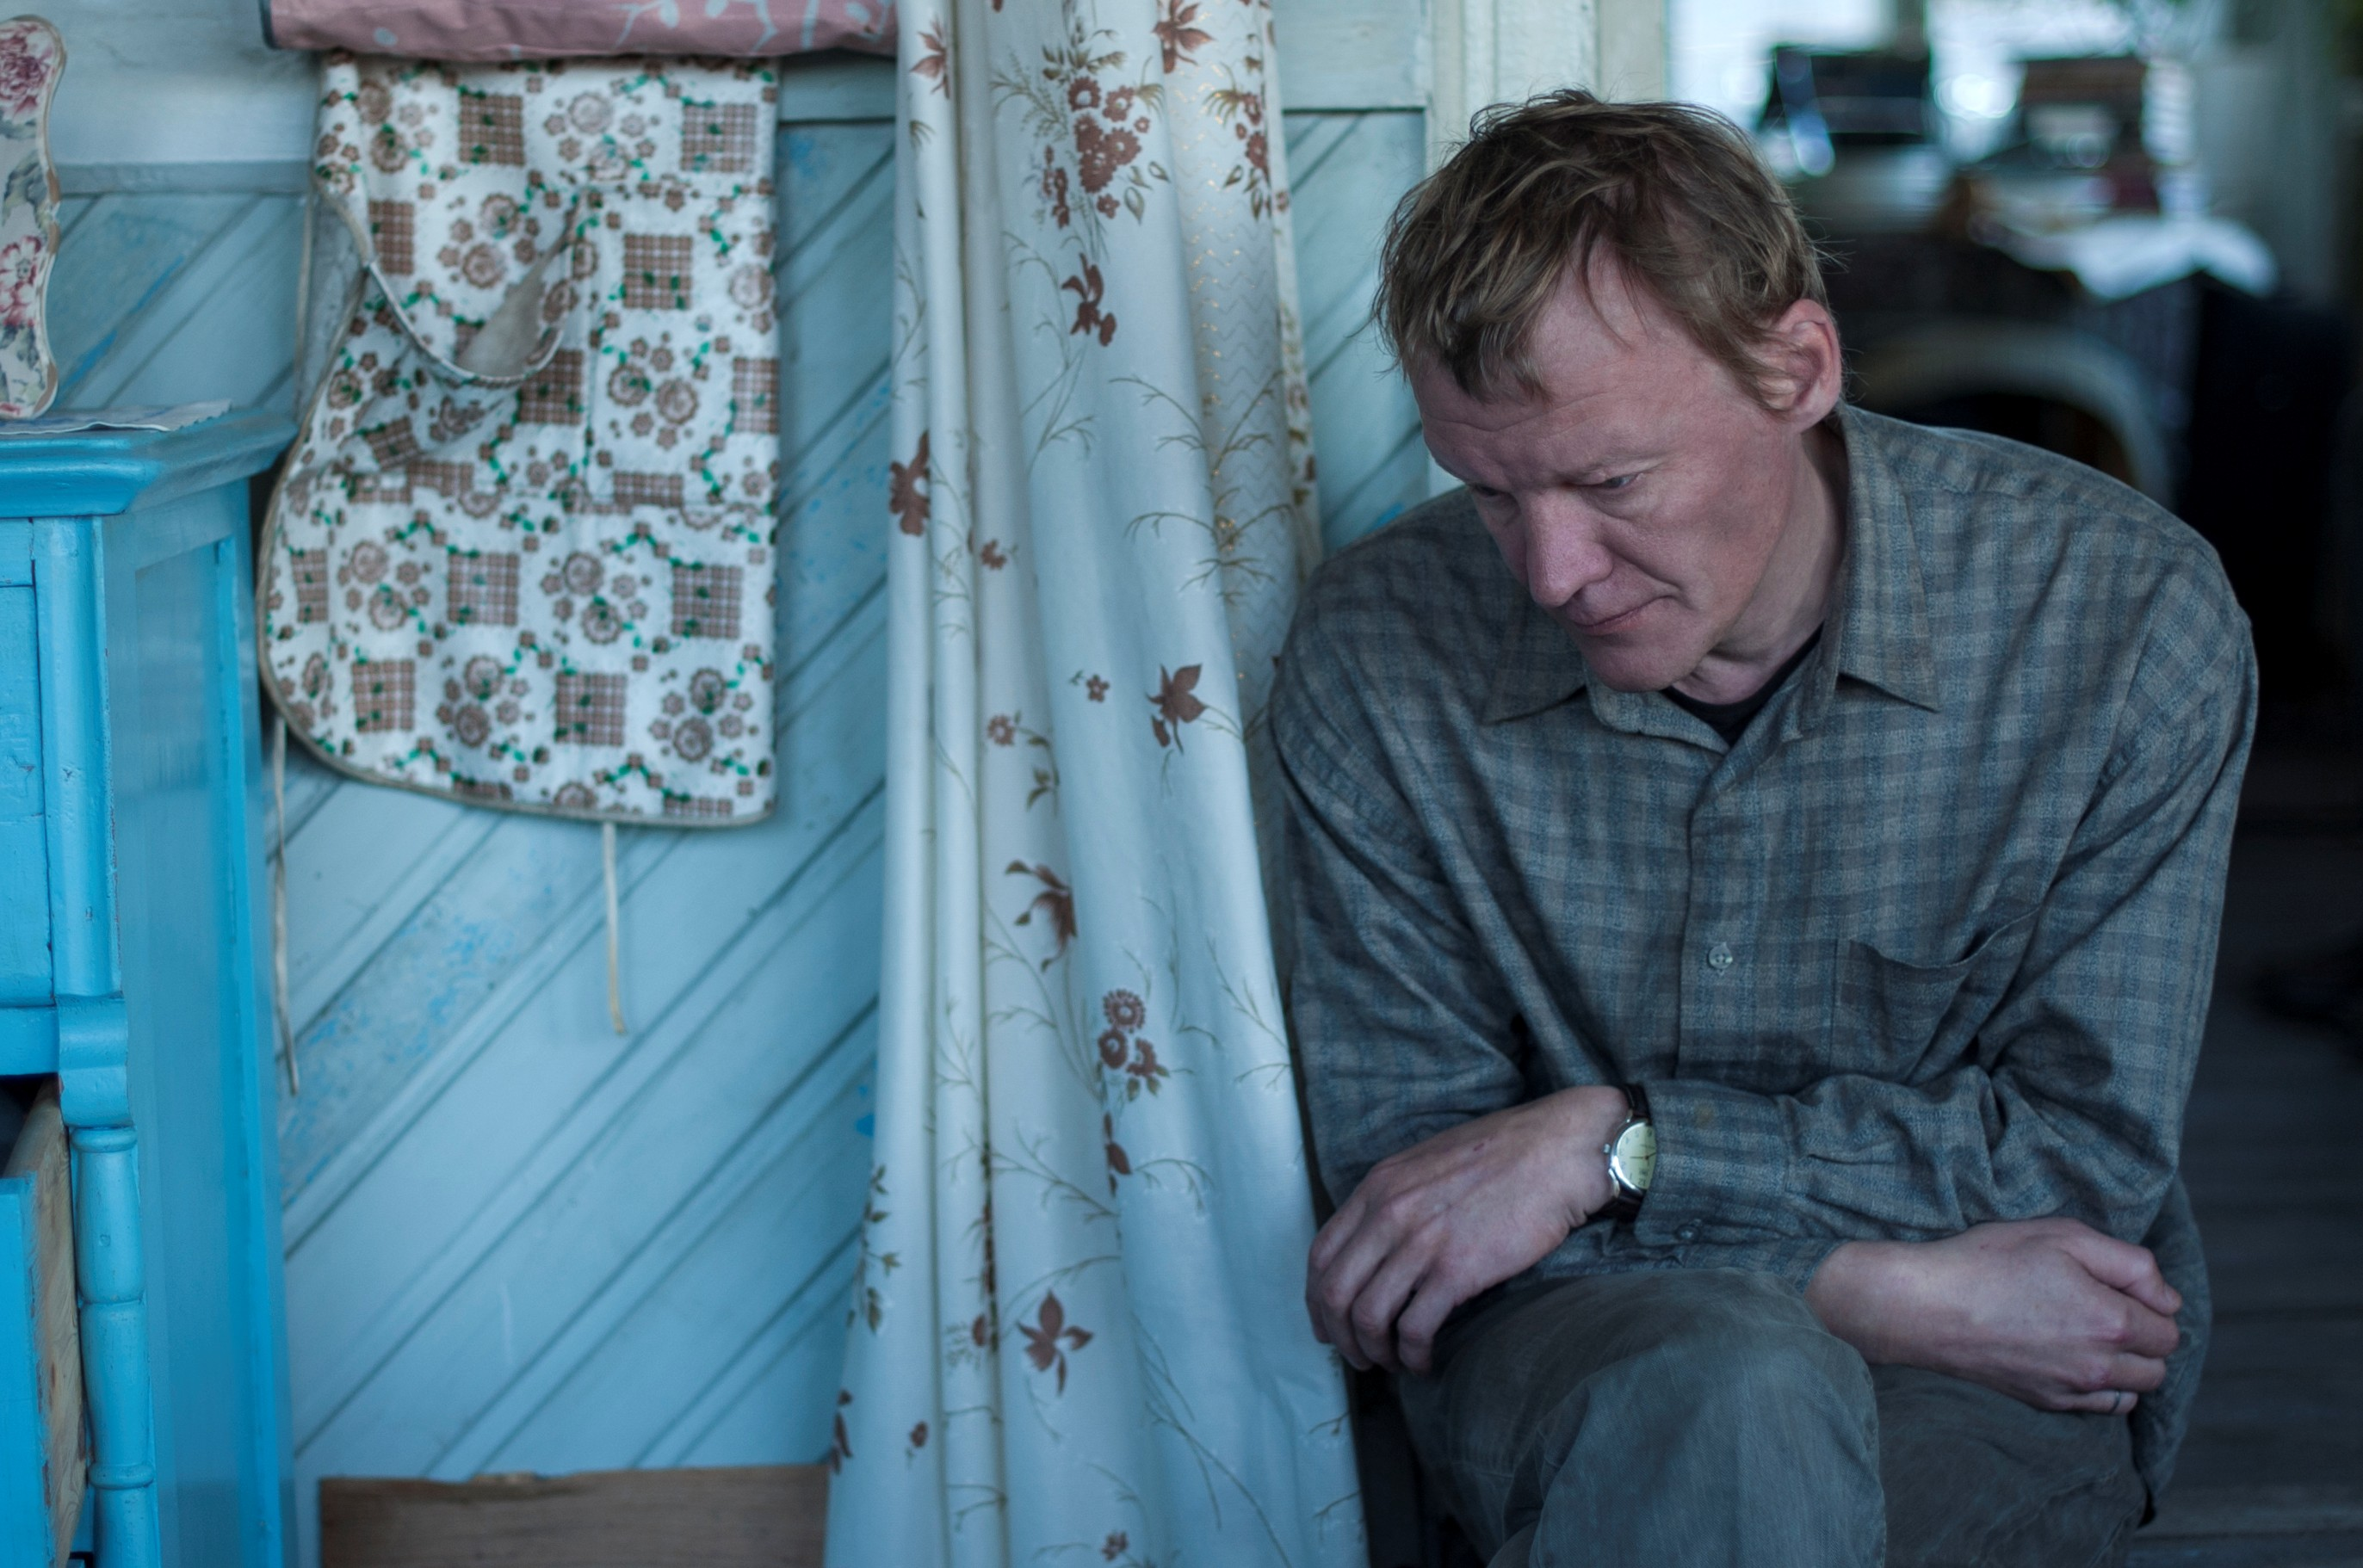 Наравне с «Интерстеллар»: «Левиафан» Звягинцева вошел в десятку лучших фильмов года